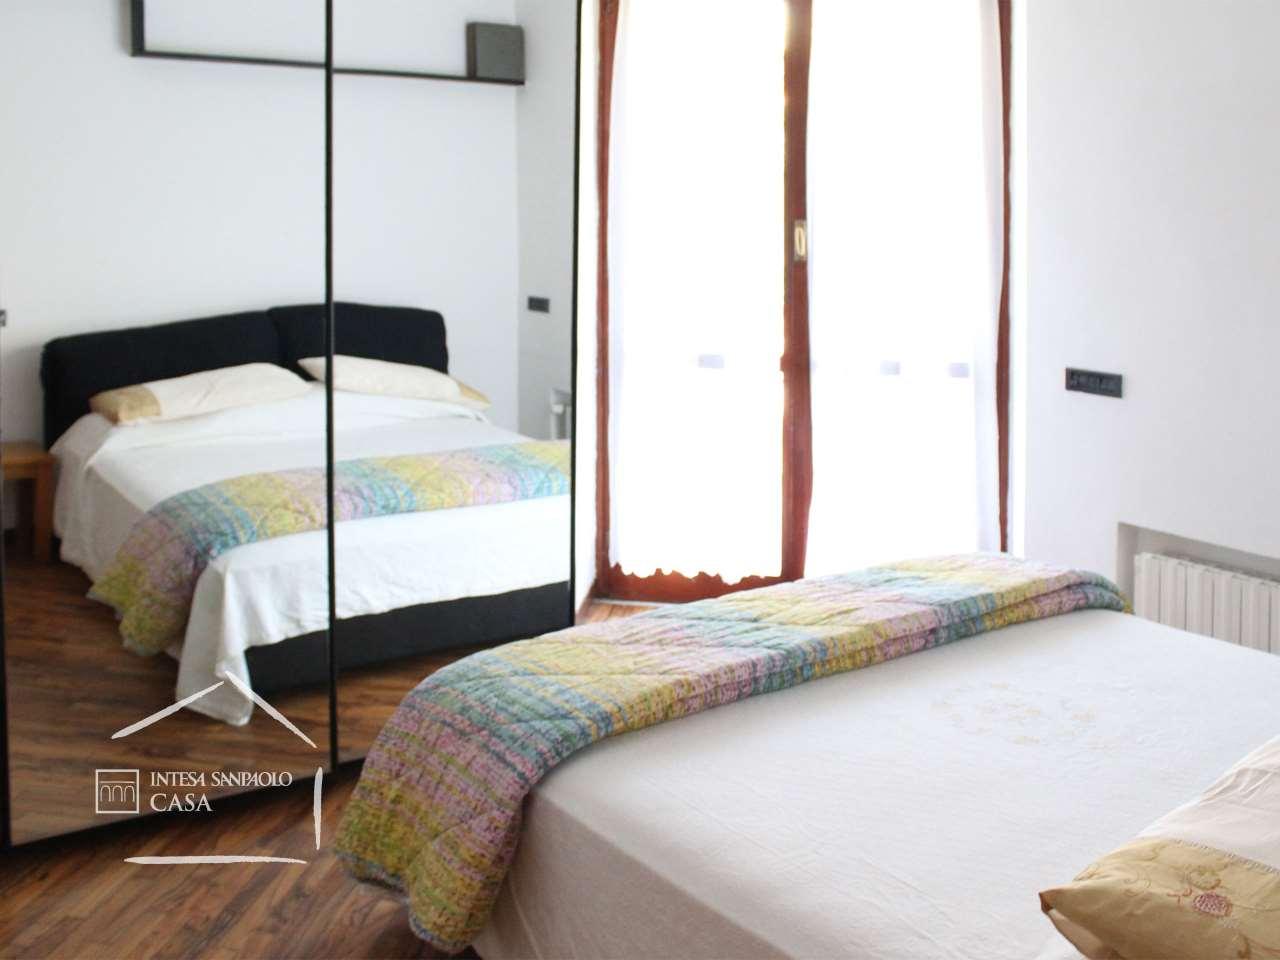 Appartamento in Vendita a Genova: 3 locali, 116 mq - Foto 8